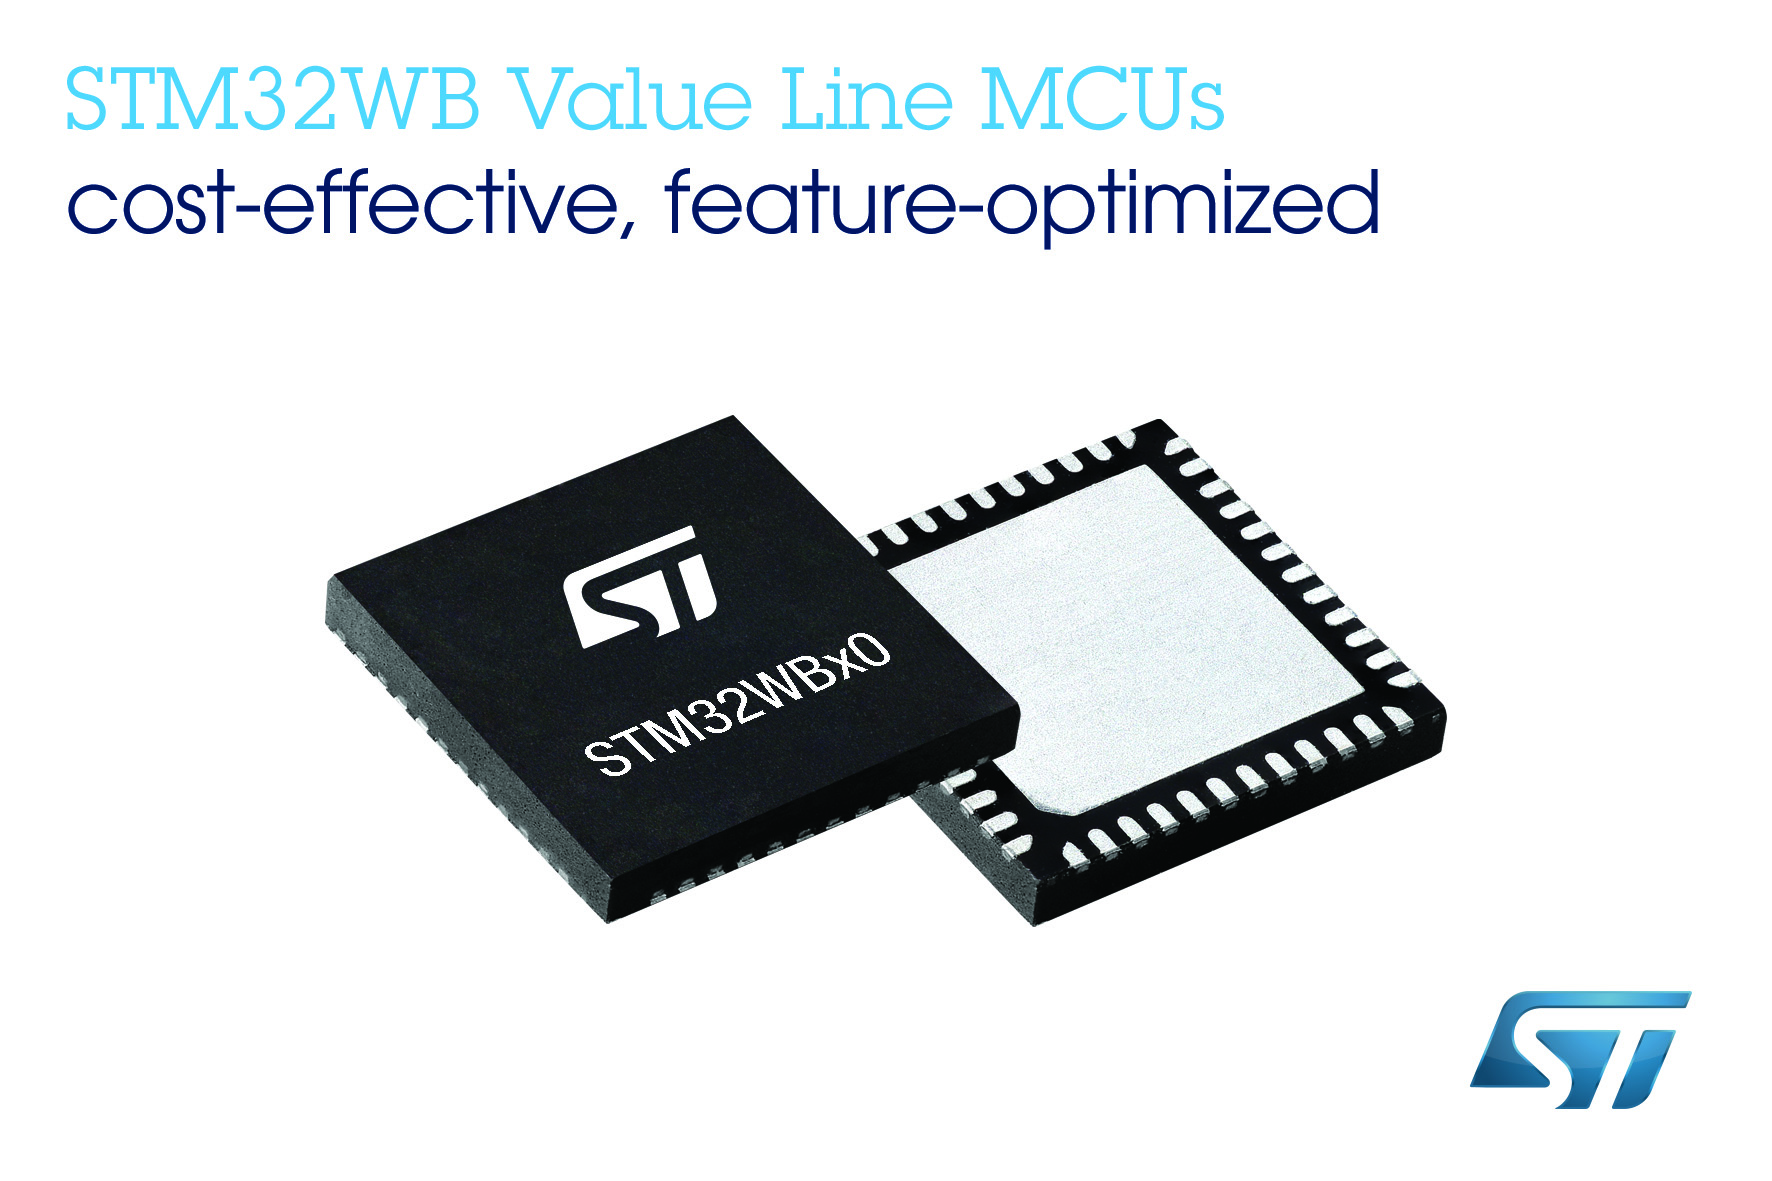 意法半导体经济型超值系列MCU新增STM32WB无线微控制器